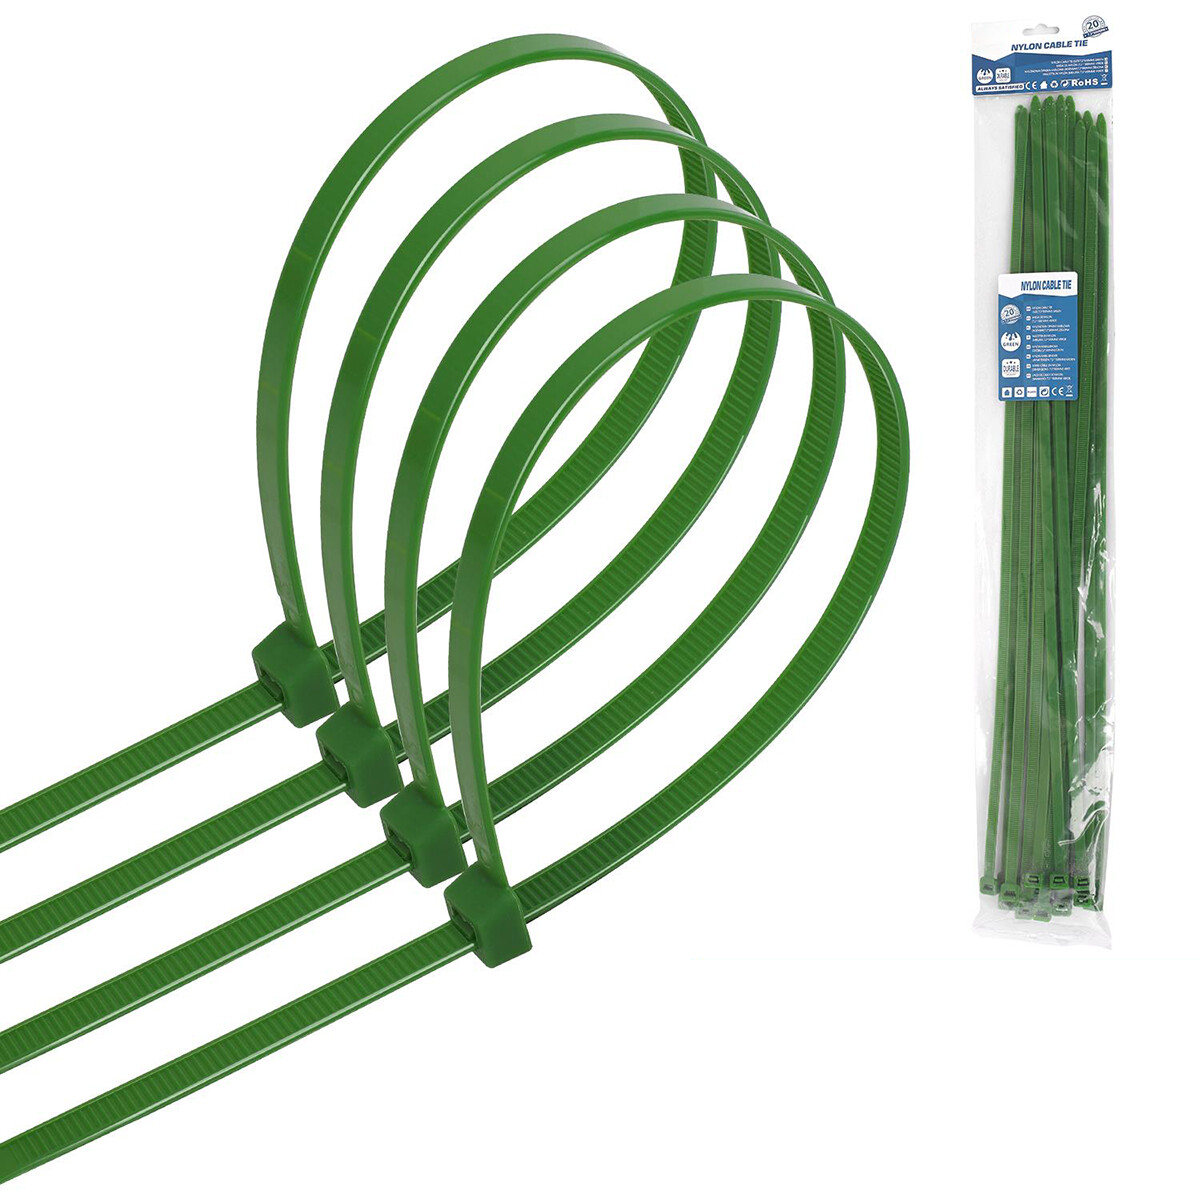 Tie Wraps - Tyrap - Aigi Tie - 7.2x500mm - Groen - 20 Stuks